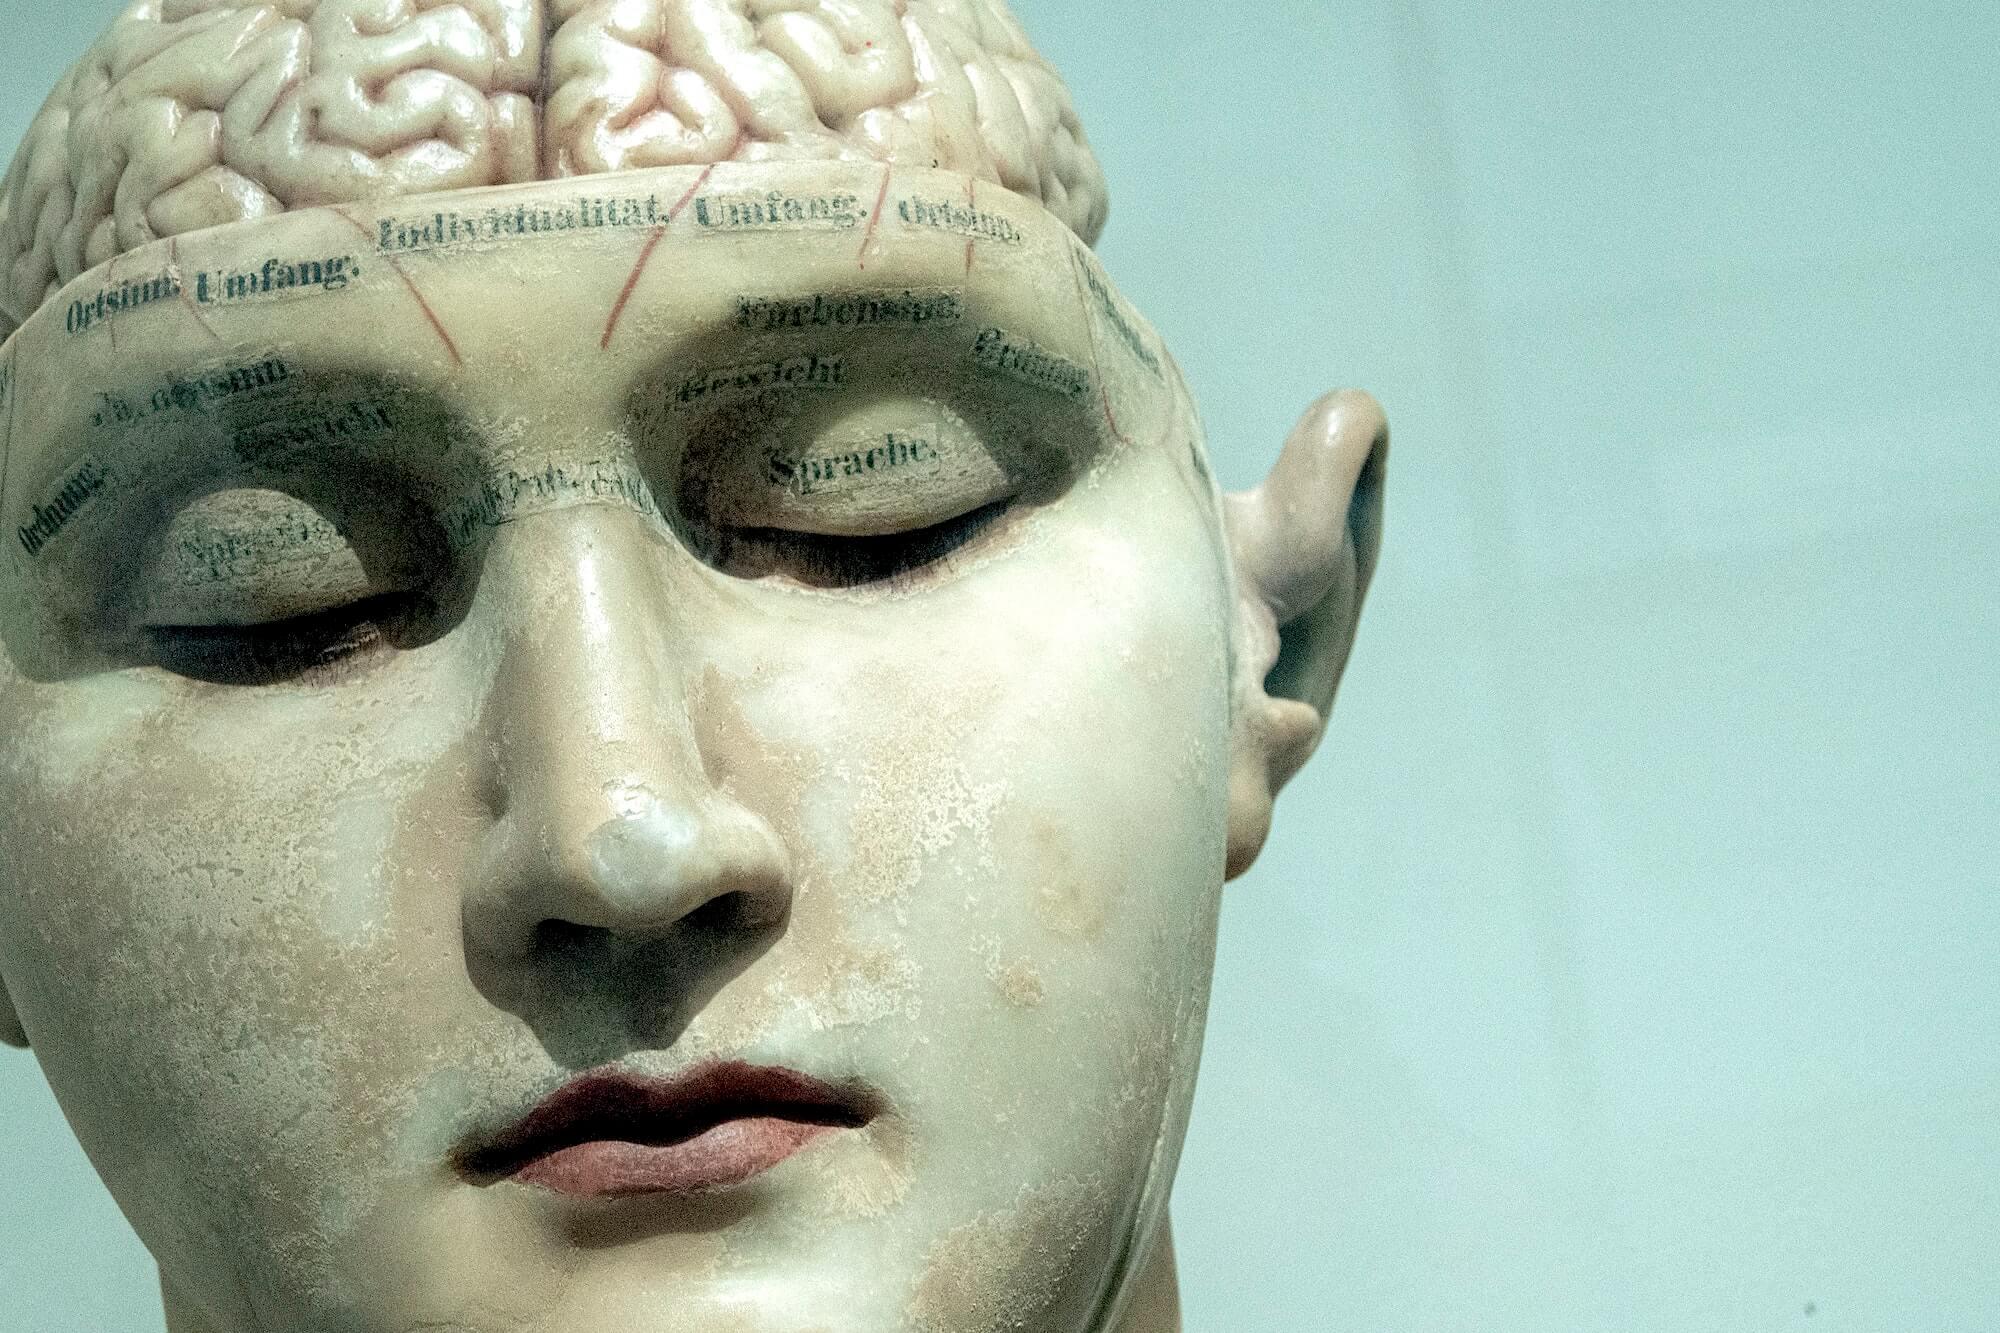 Умопомрачительный ритм как наш мозг генерирует измененные состояния сознания  новое исследование